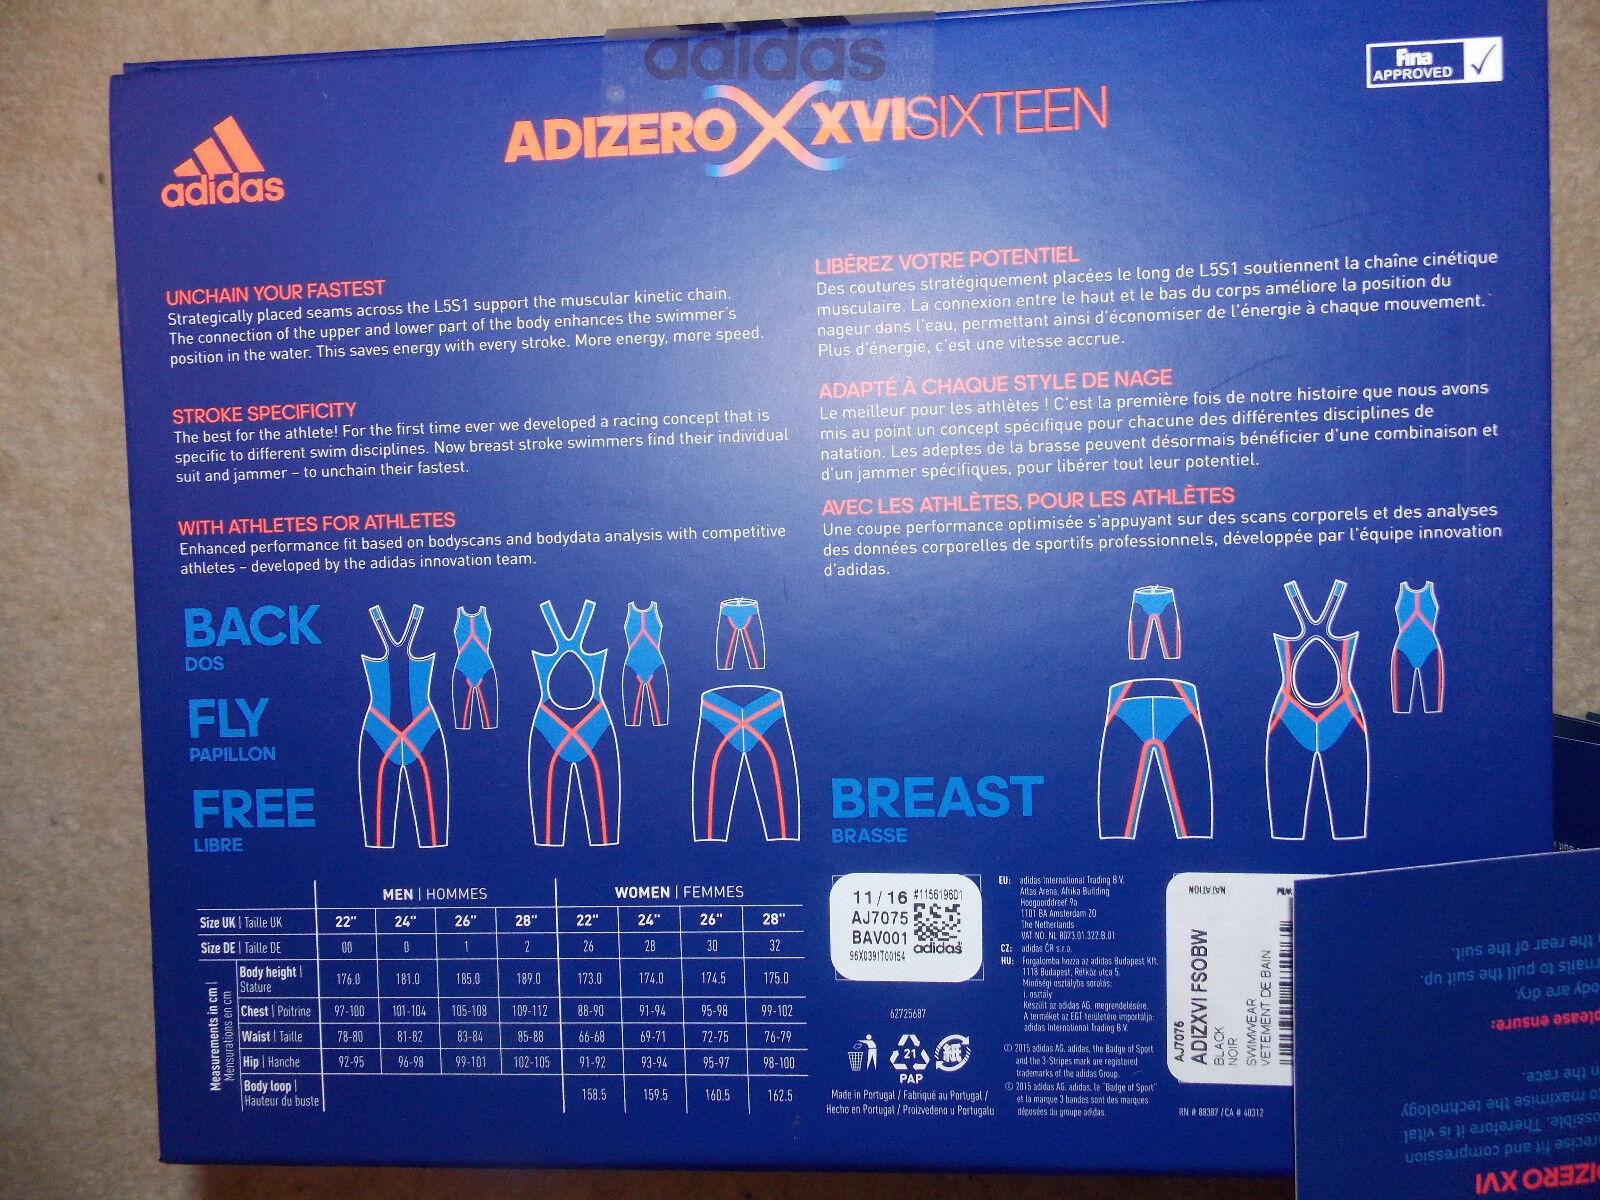 ADIDAS ADIZERO DAMEN Adizero XVI FSOBW AJ7075 Schwimmanzug Fina Swimmsuit Gr. 32